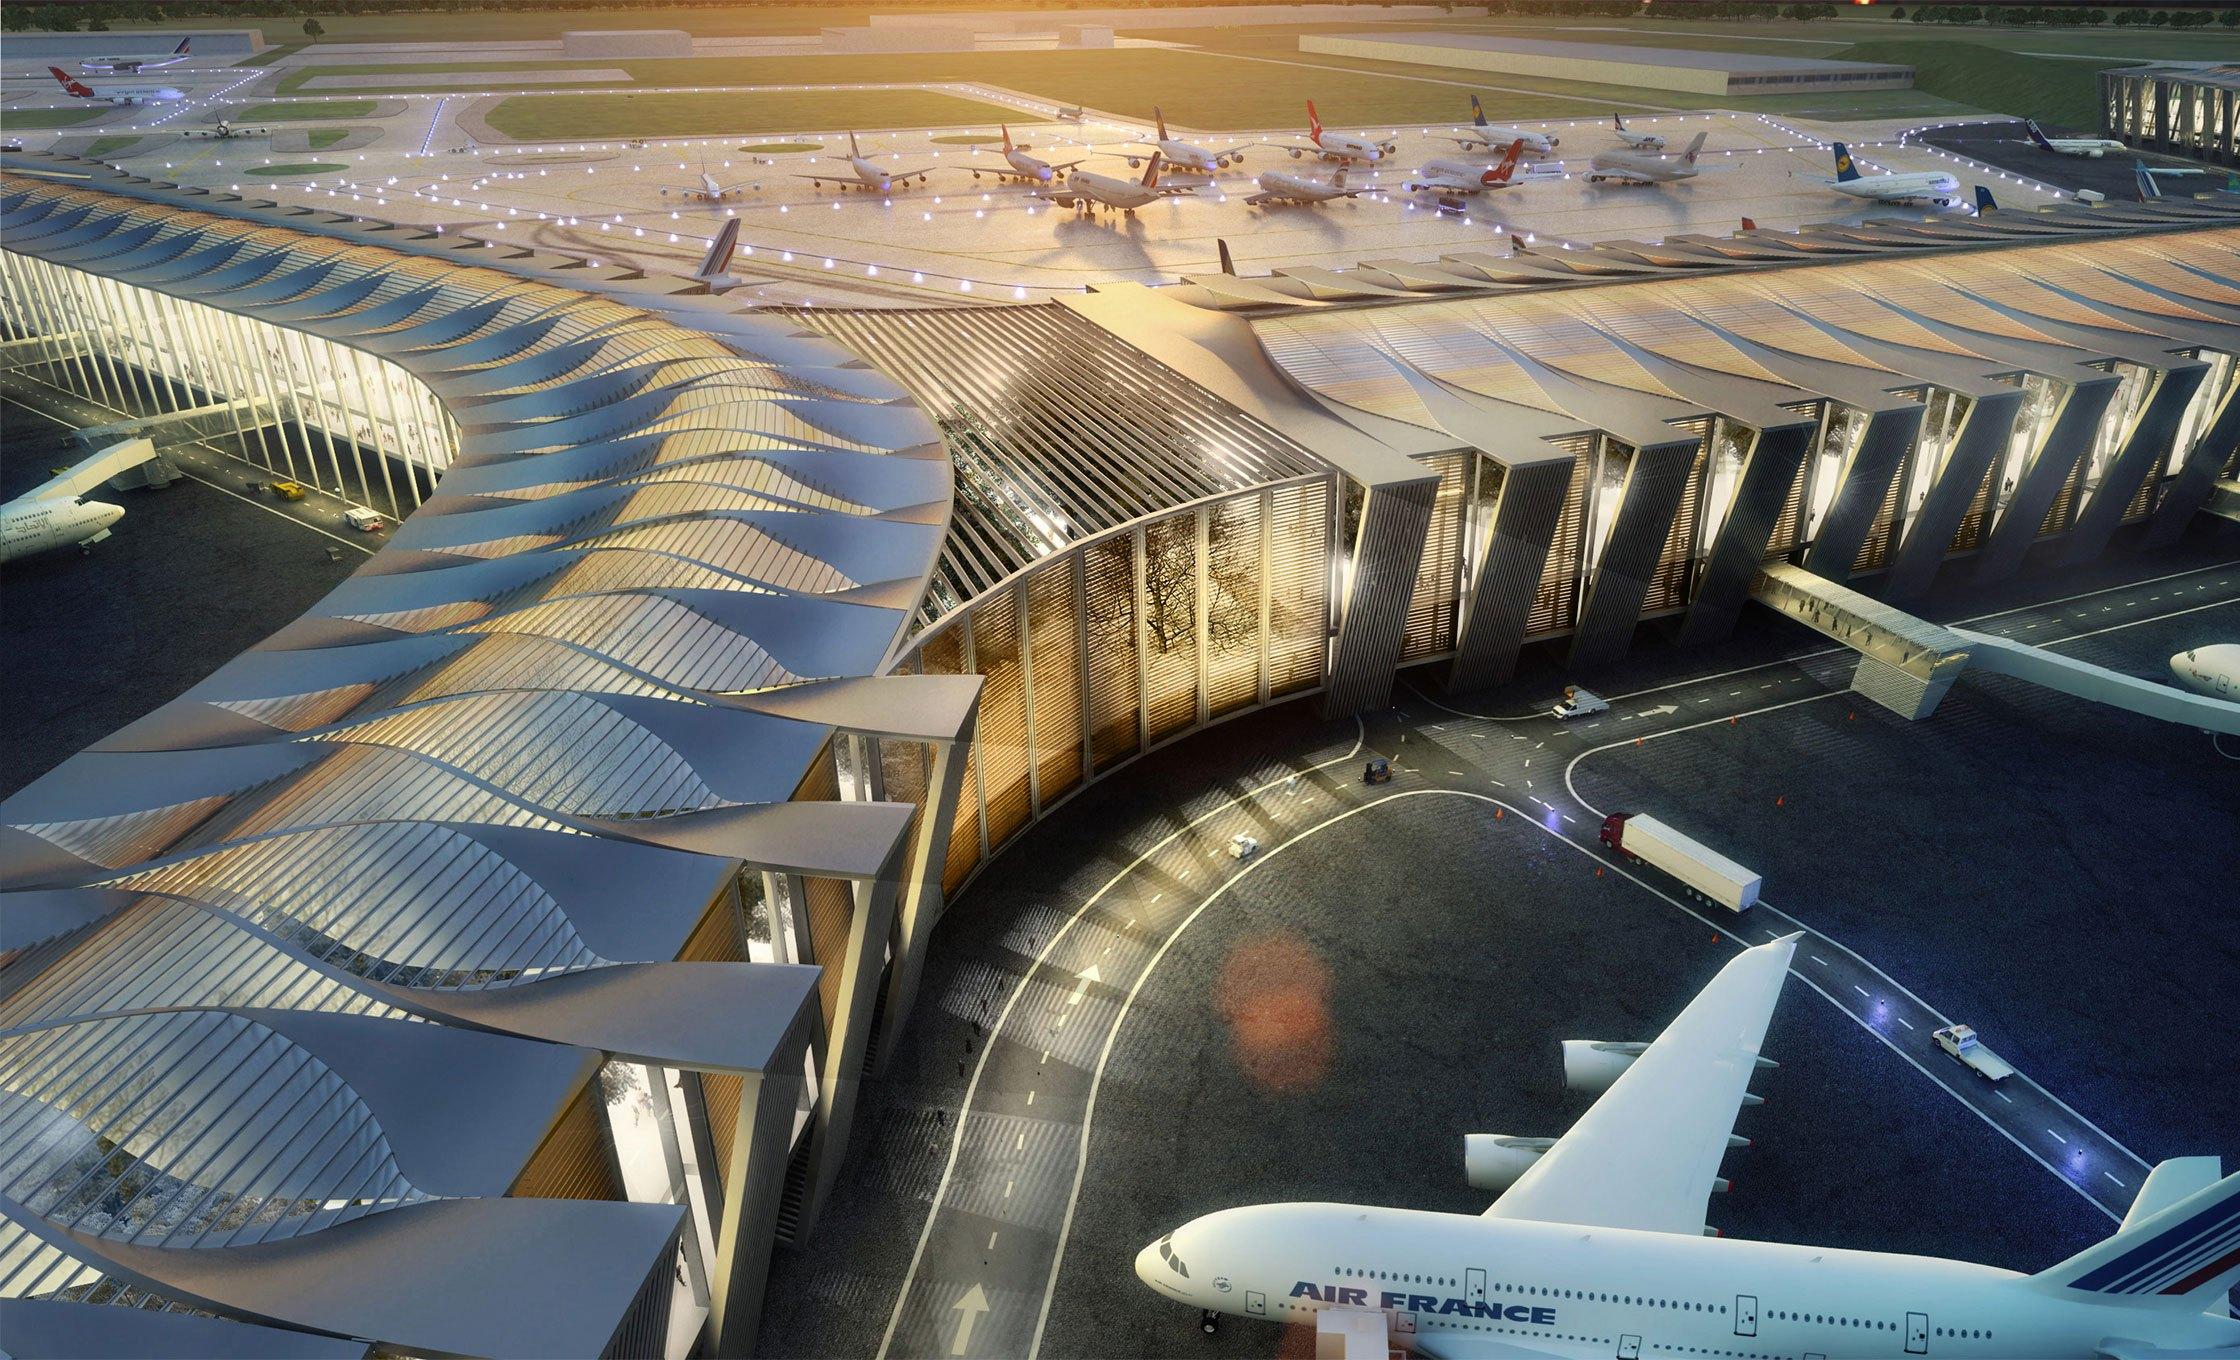 Tu pensión financia 13500 mdp de la inversión del nuevo Aeropuerto